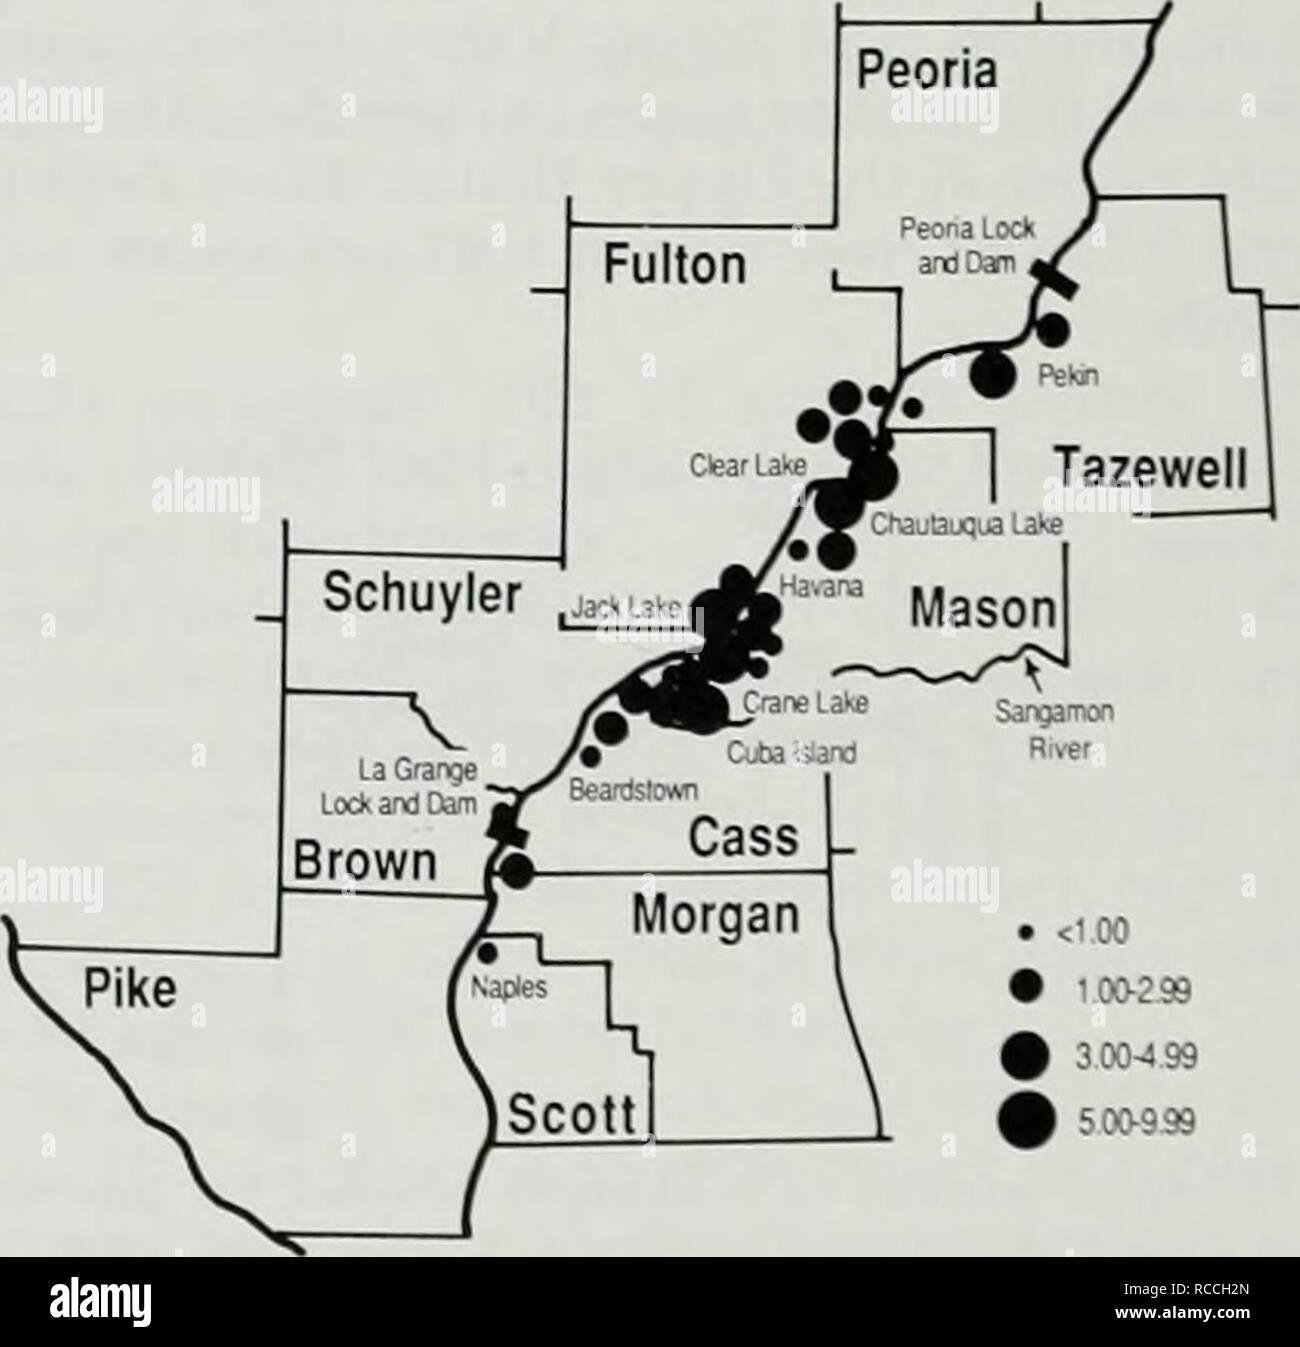 """. Verteilung und Häufigkeit der Winter Populationen von weißkopfseeadler in Illinois. Der Weißkopfseeadler. Abb. 24. - Mittlere Anzahl ol b. iUl Adler ich Volkszählung sind, ist uilliiii llie Unteren Illinois Ri"""" • 100-299% 3.00-4-99 innied pro inenior ein er Region. 1972-1986. Abb. 22.- Fastern sh, in Senacliw'ine L. tk Die geschätzte Dichte der Weißkopfseeadler in der Unteren Illinois River Region gemittelt (5) (ich pro Fluss Meile oder 0,49 pro squaie Meile der Feuchtgebiete Lebensraum. Die durchschnittliche Dichte pro scjuare Meile der Feuchtgebiete (0,49) in dieser Re-gion slighth höher war als der Wert, der lor Die ('entral und L'pj) ei Illinois River Regionen (0,47) Stockfoto"""